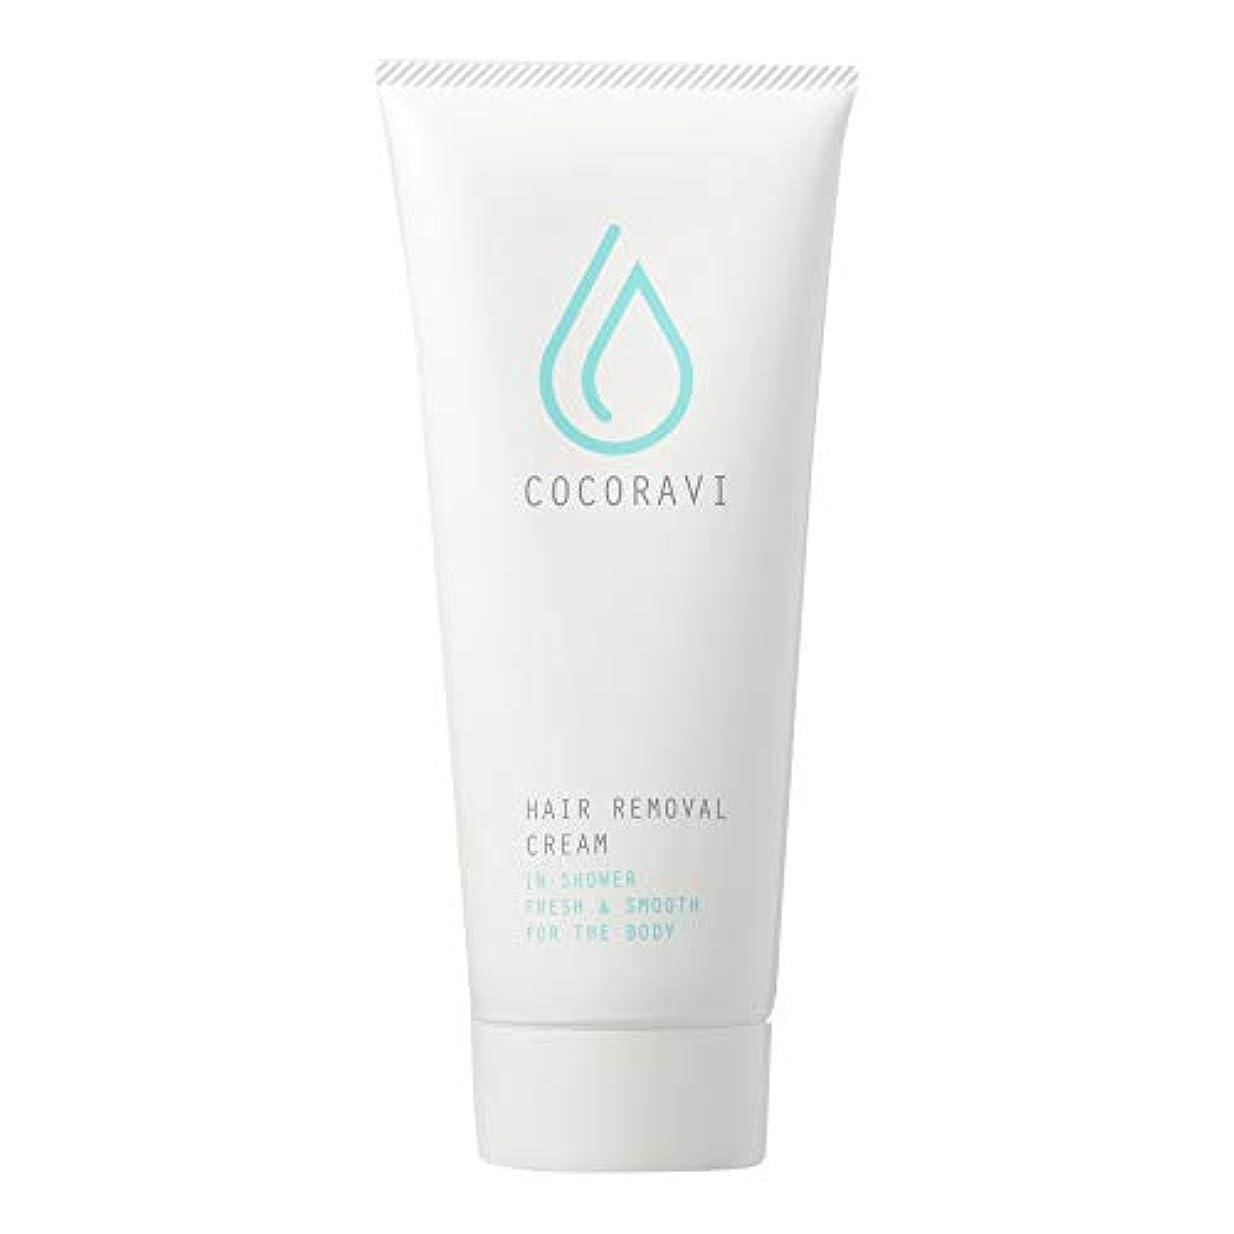 アクセントフィルタチェスをするCOCORAVI Hair Removal Cream (ココラビヘアリムーバークリーム) 除毛クリーム ボディ用 医薬部外品 スキンケア 美容 [内容量200g/説明書付き]